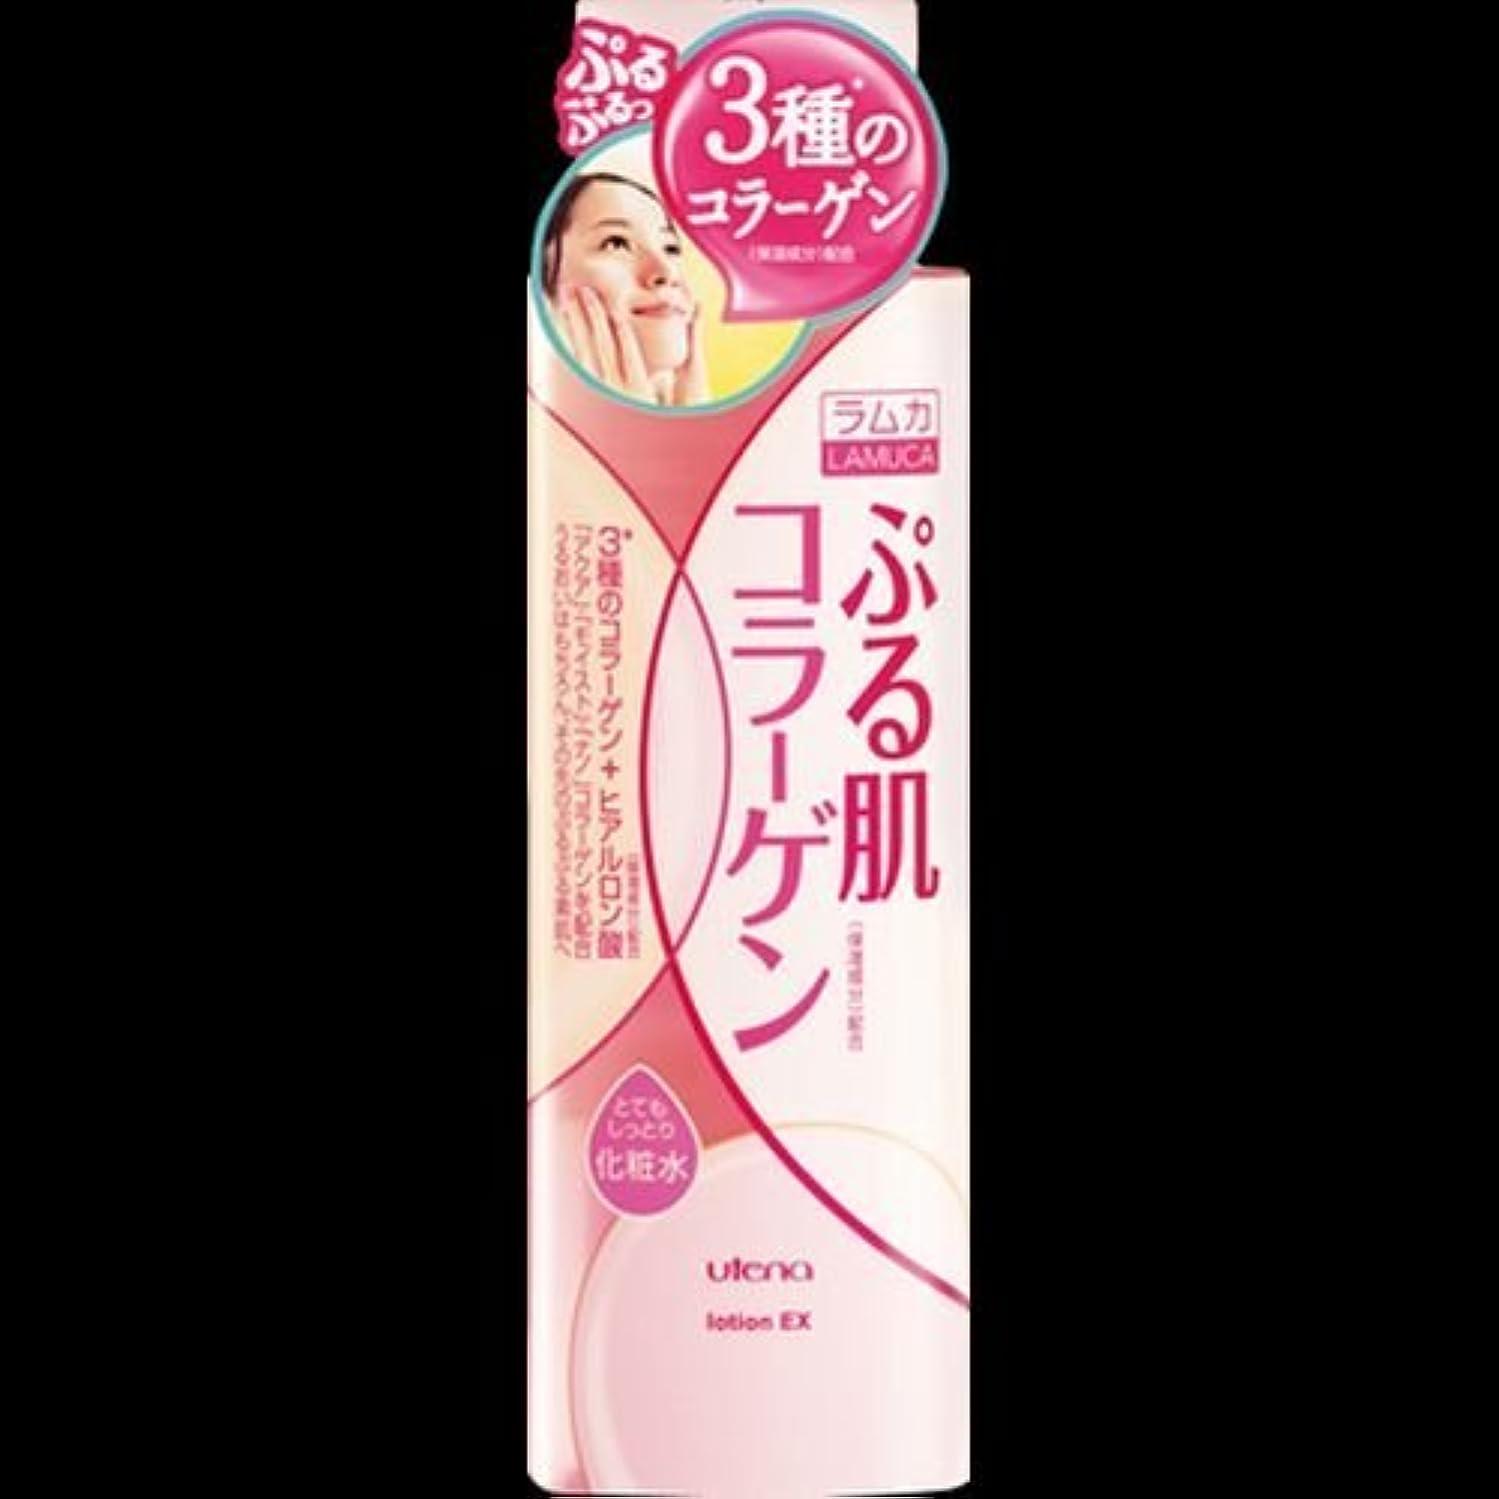 みがきます組立リサイクルする【まとめ買い】ラムカぷる肌化粧水とてもしっとり ×2セット